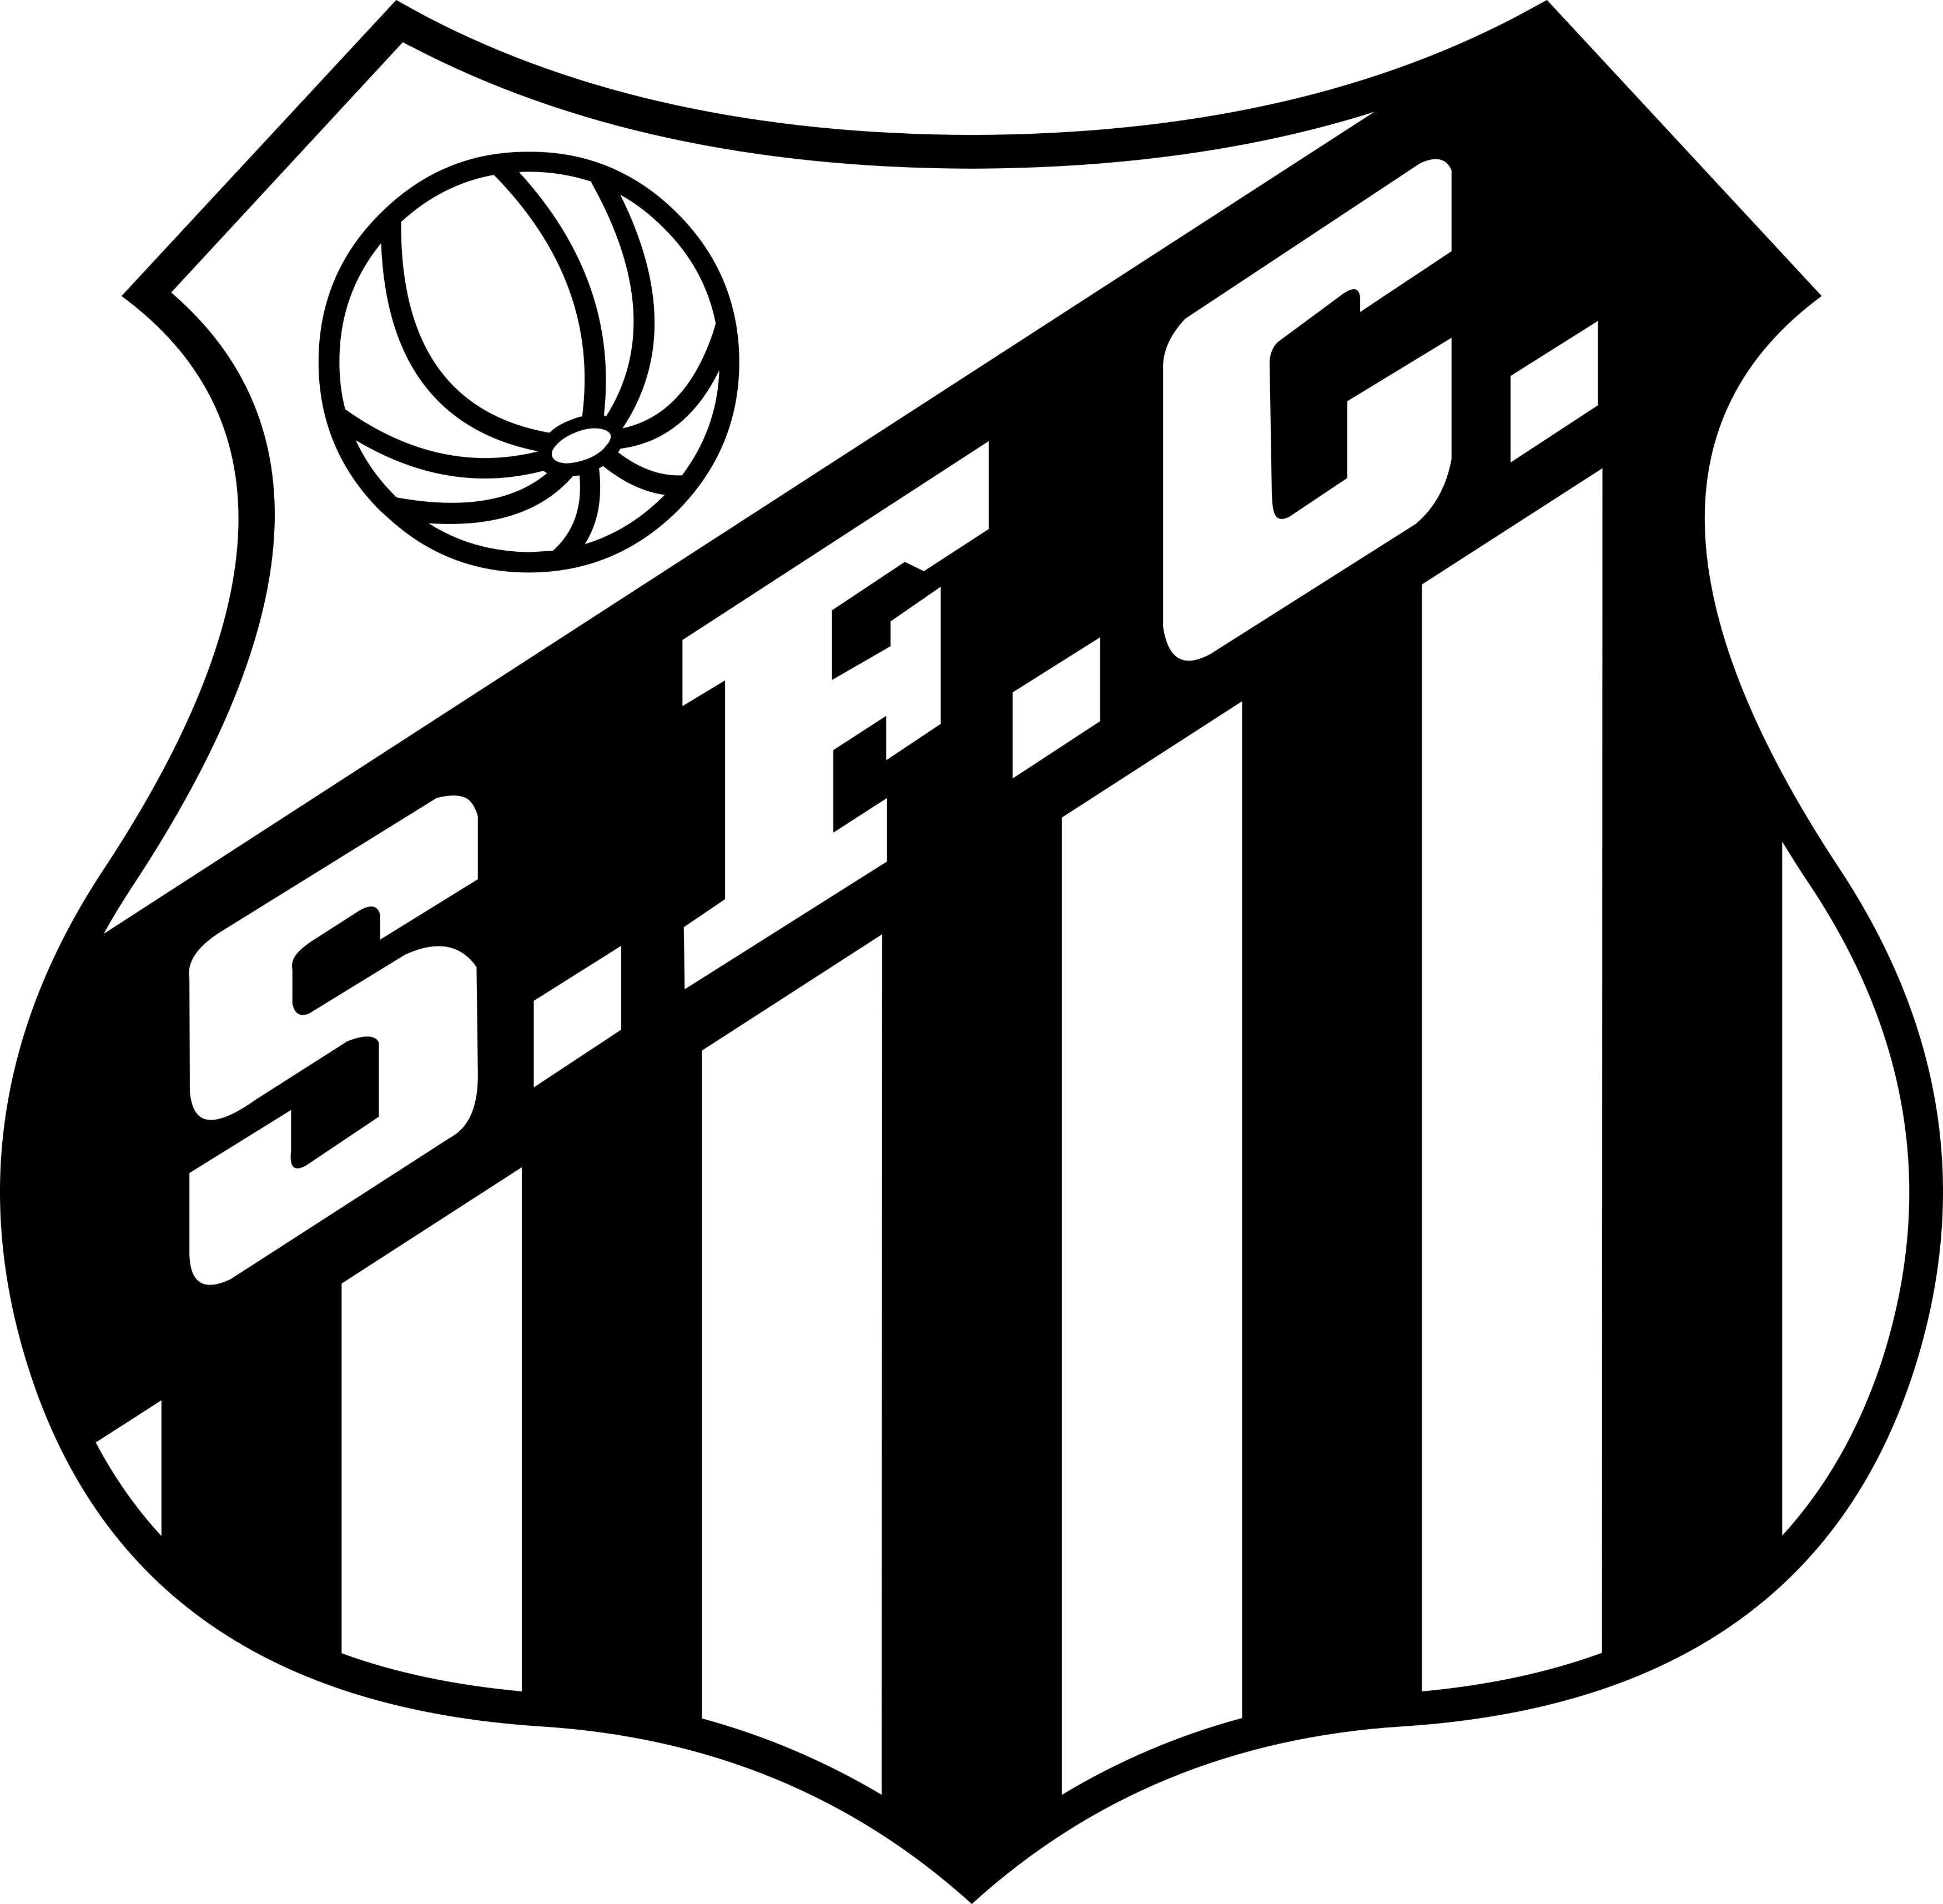 santos logo escudo 1 - Santos FC Logo